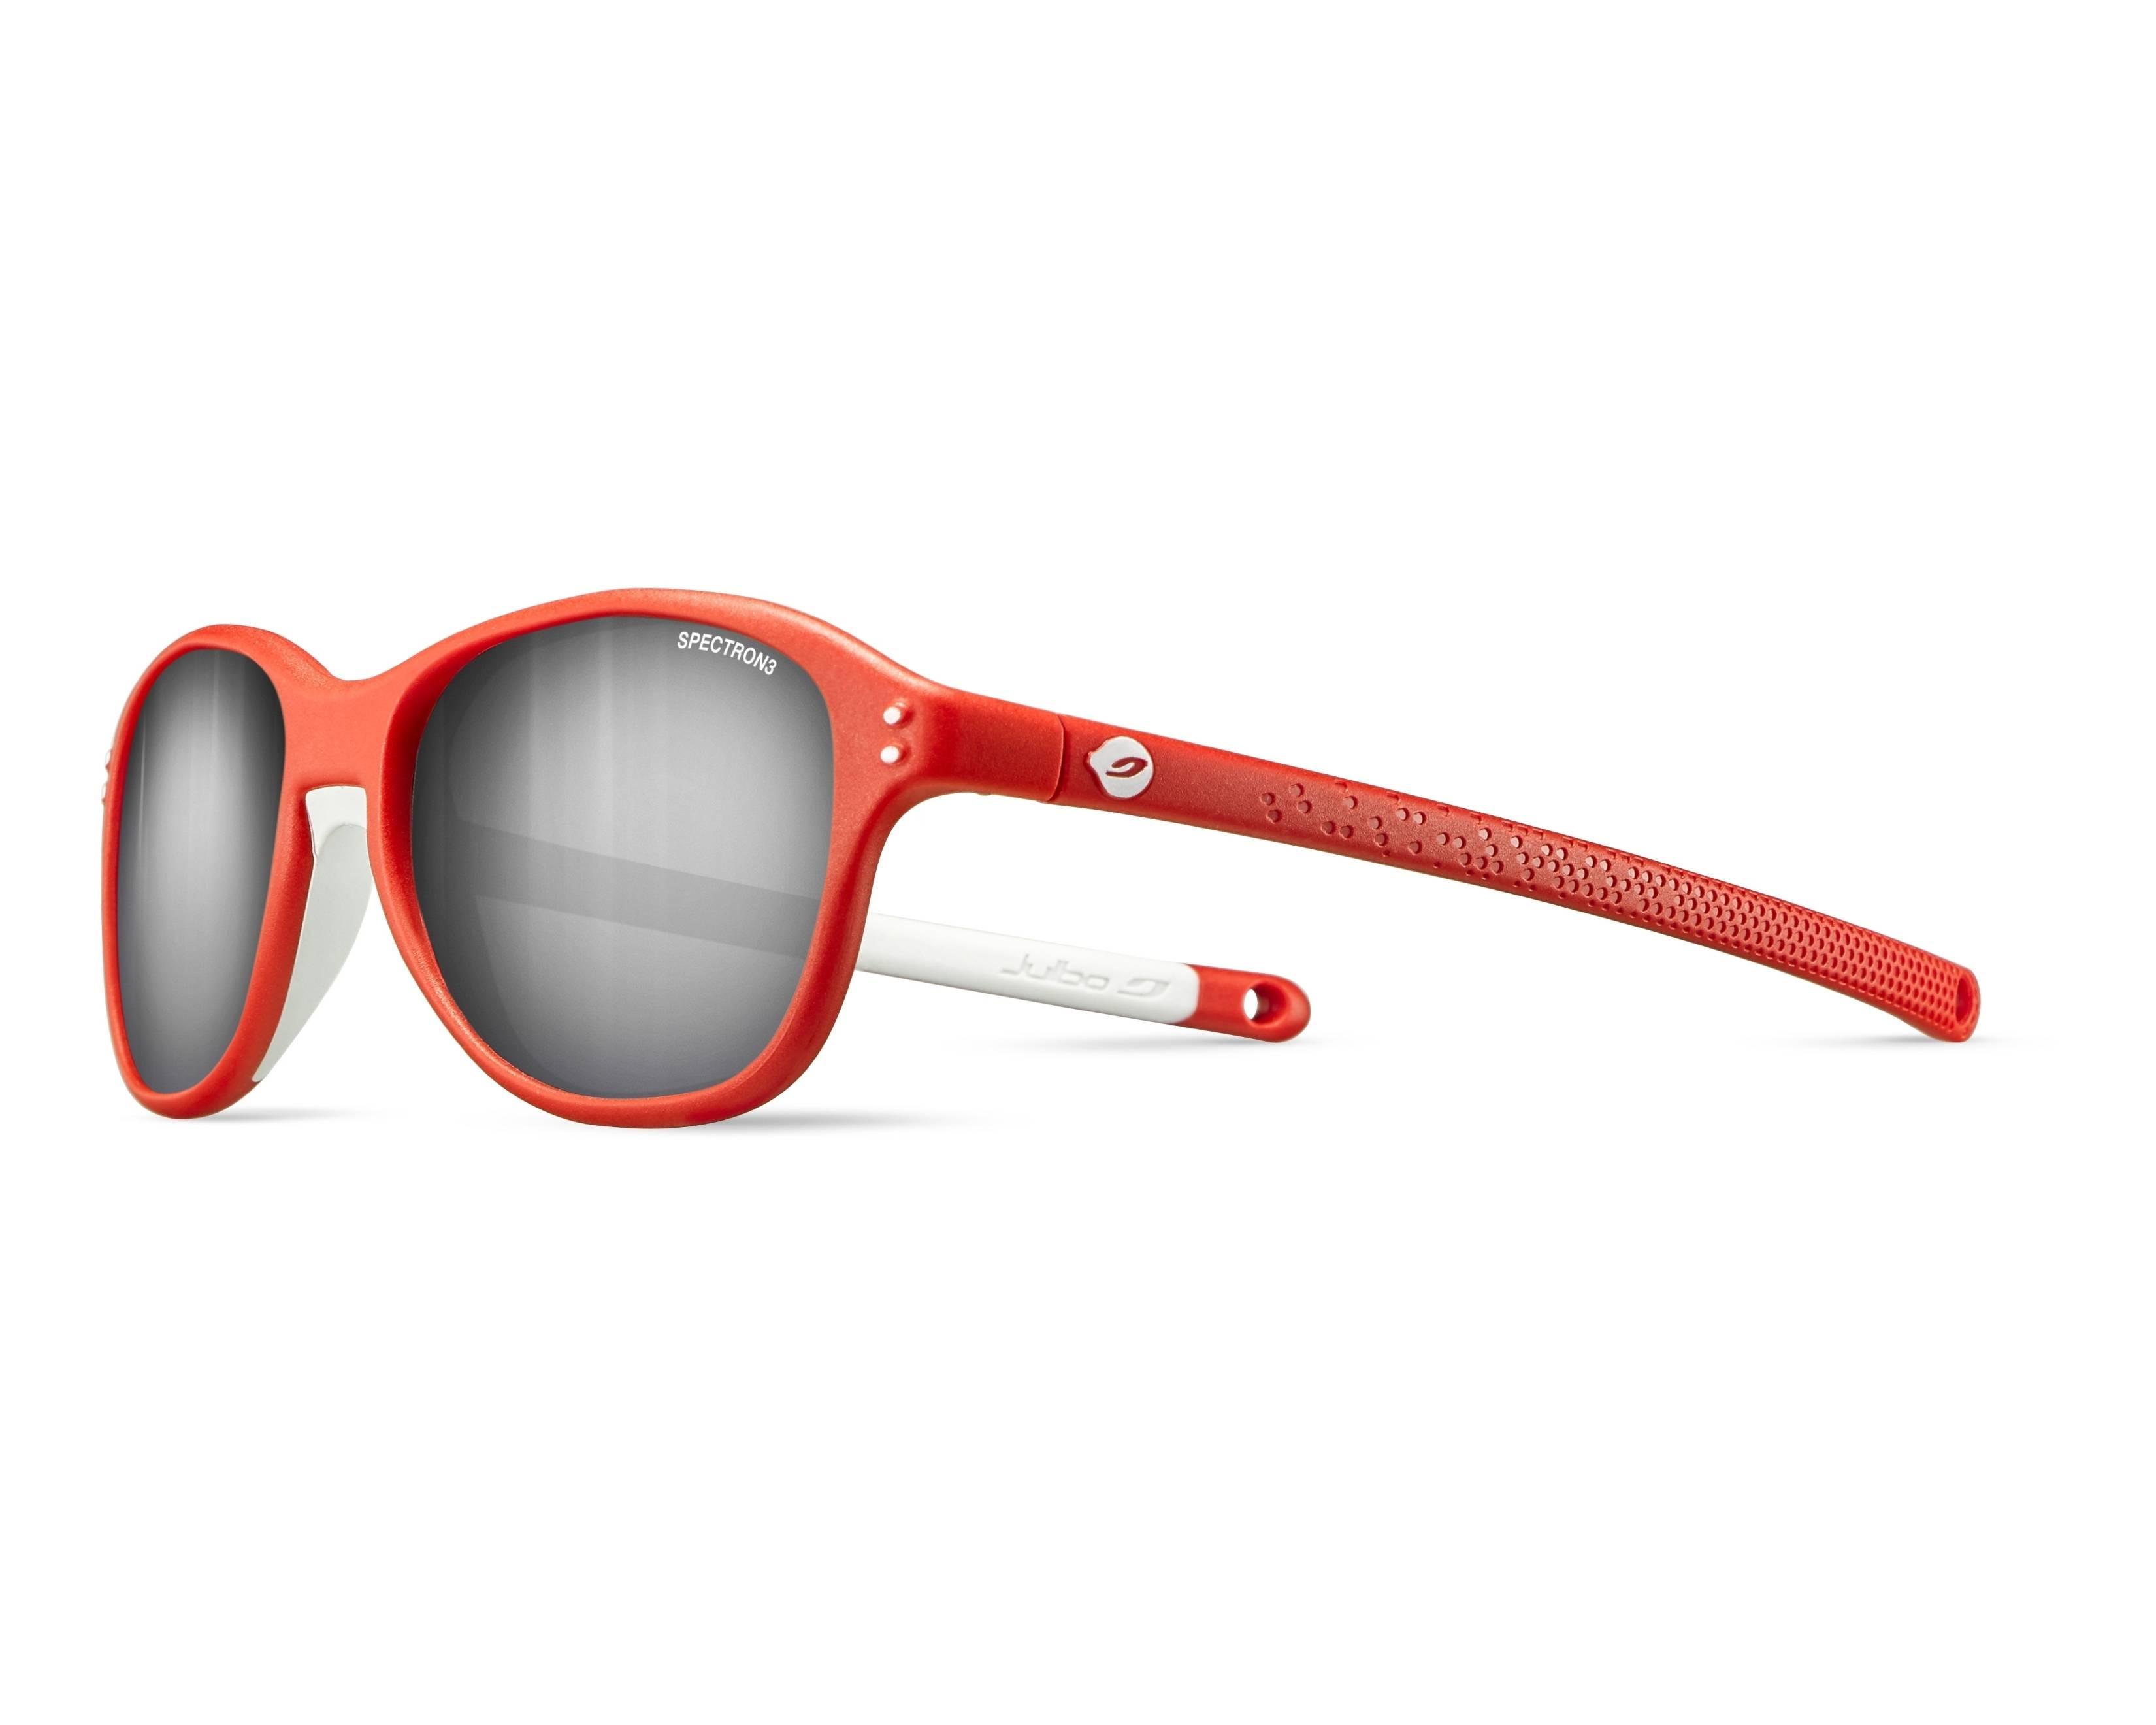 541066689d Gafas de sol Julbo J524 1113 43-14 Rojo Blanco vista de perfil